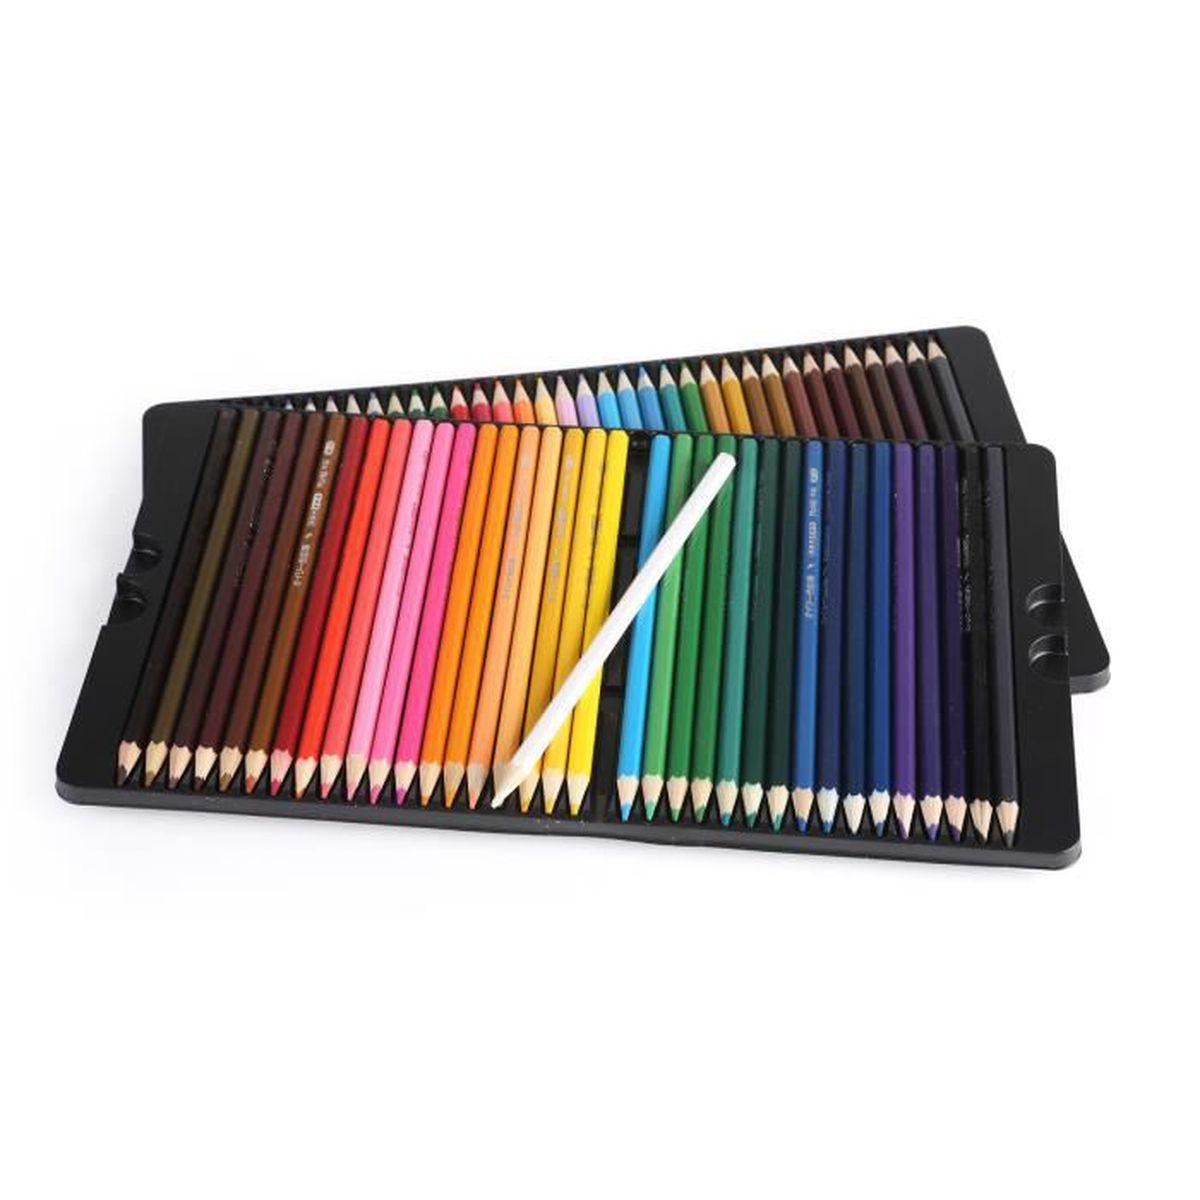 eozy lot de 72pcs crayon de couleur color dessin professionnel peinture papeterie achat. Black Bedroom Furniture Sets. Home Design Ideas